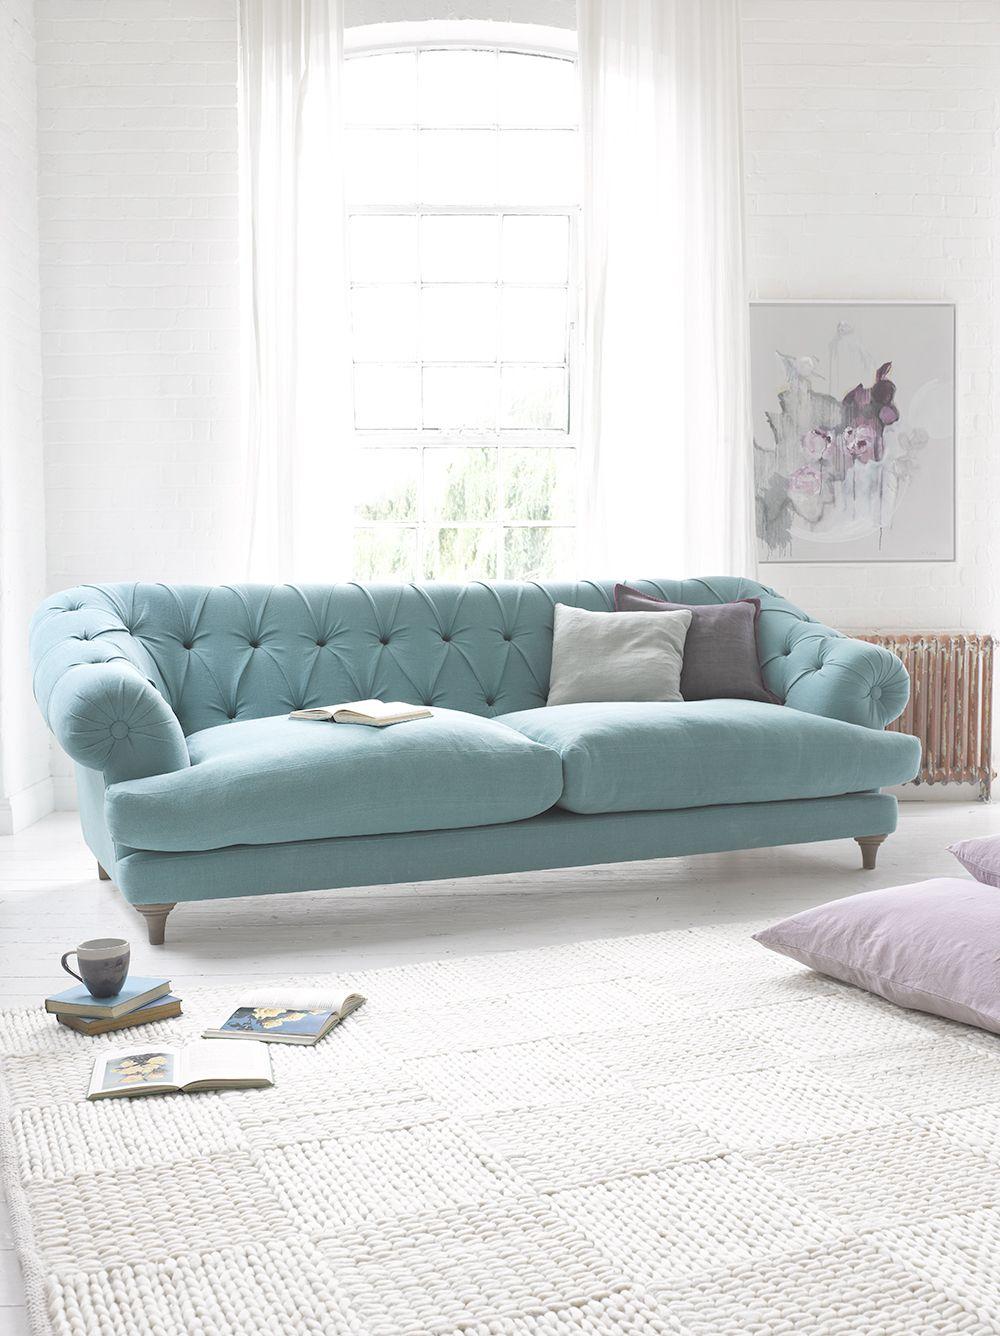 Bagsie Sofa | El oceano, Vendimia y Océano